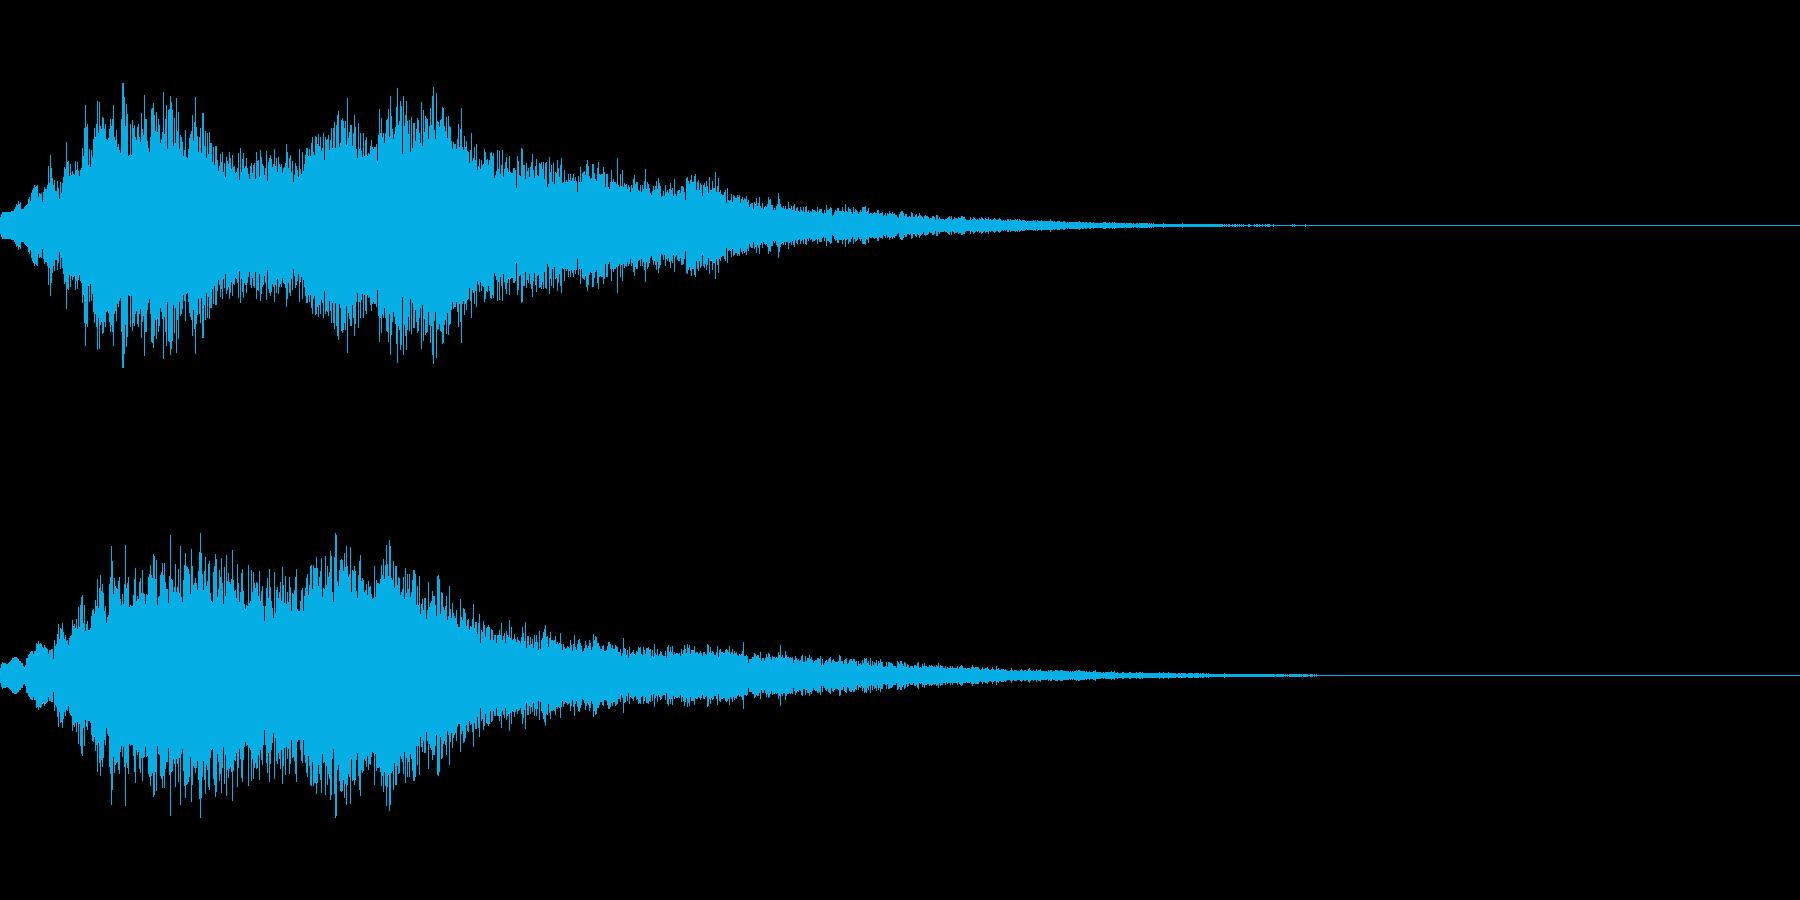 [シュオーン]パラメータUP(豪華)の再生済みの波形